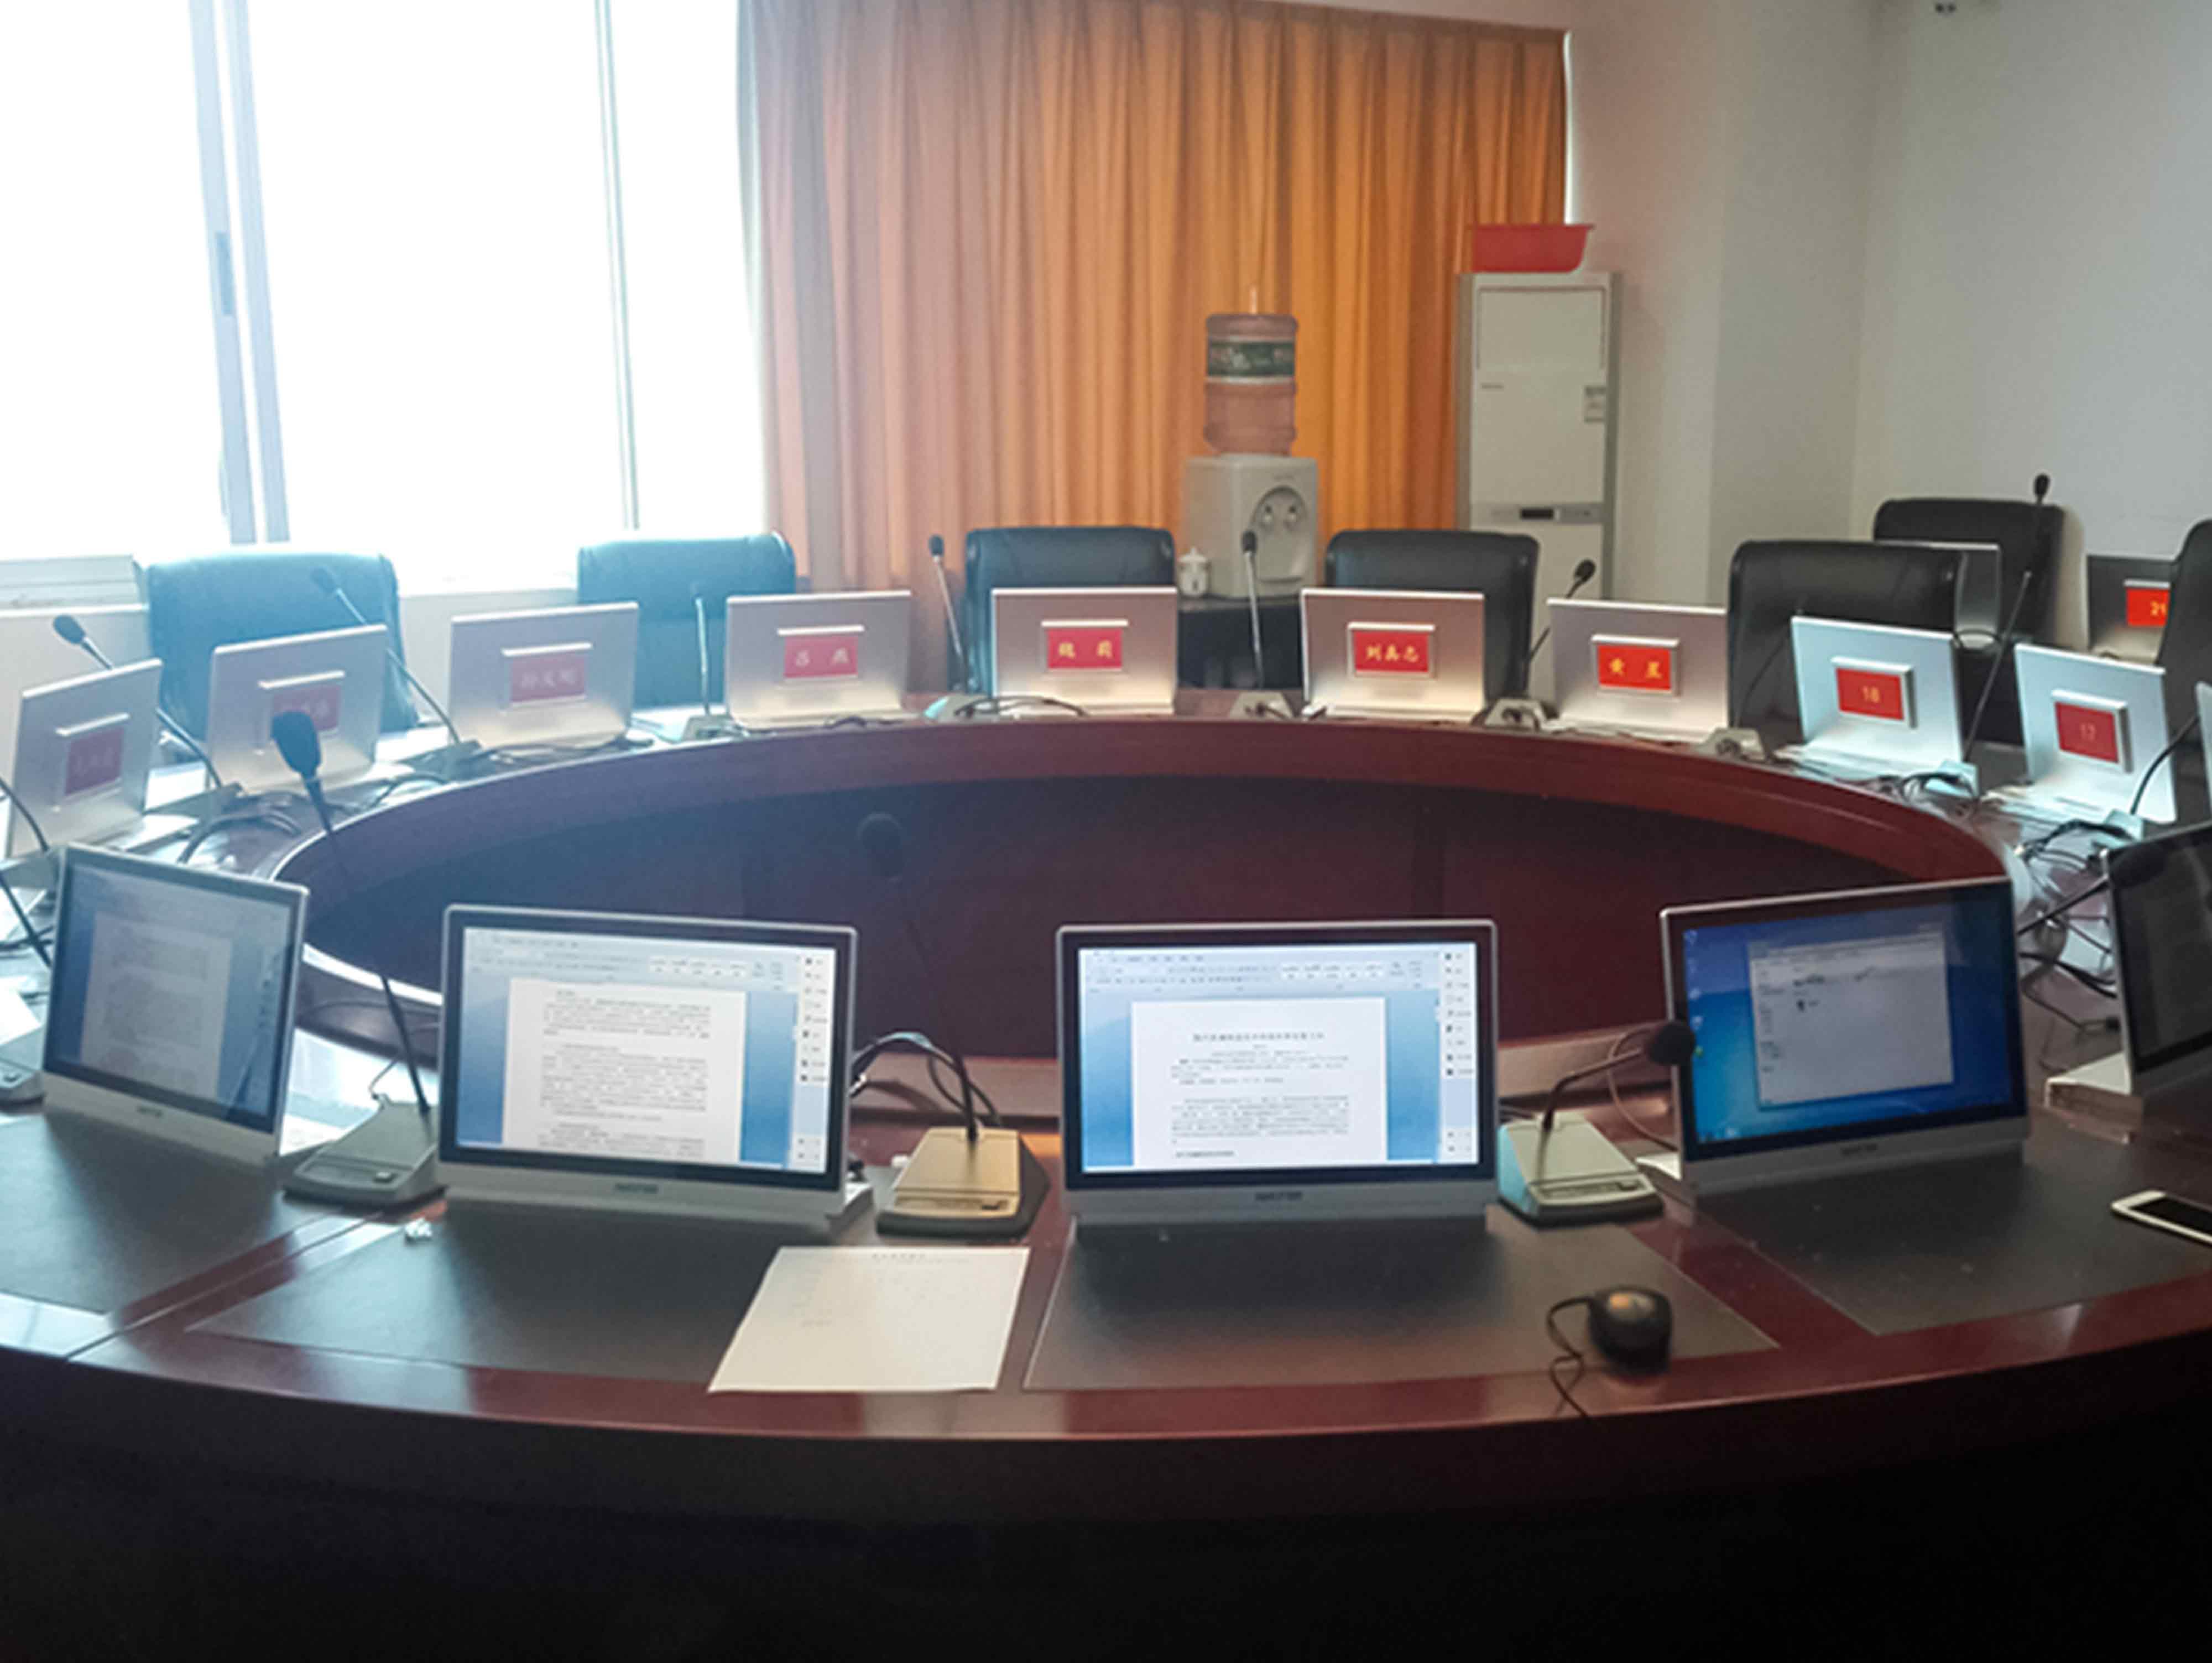 贵阳市人民检察院无纸化系统